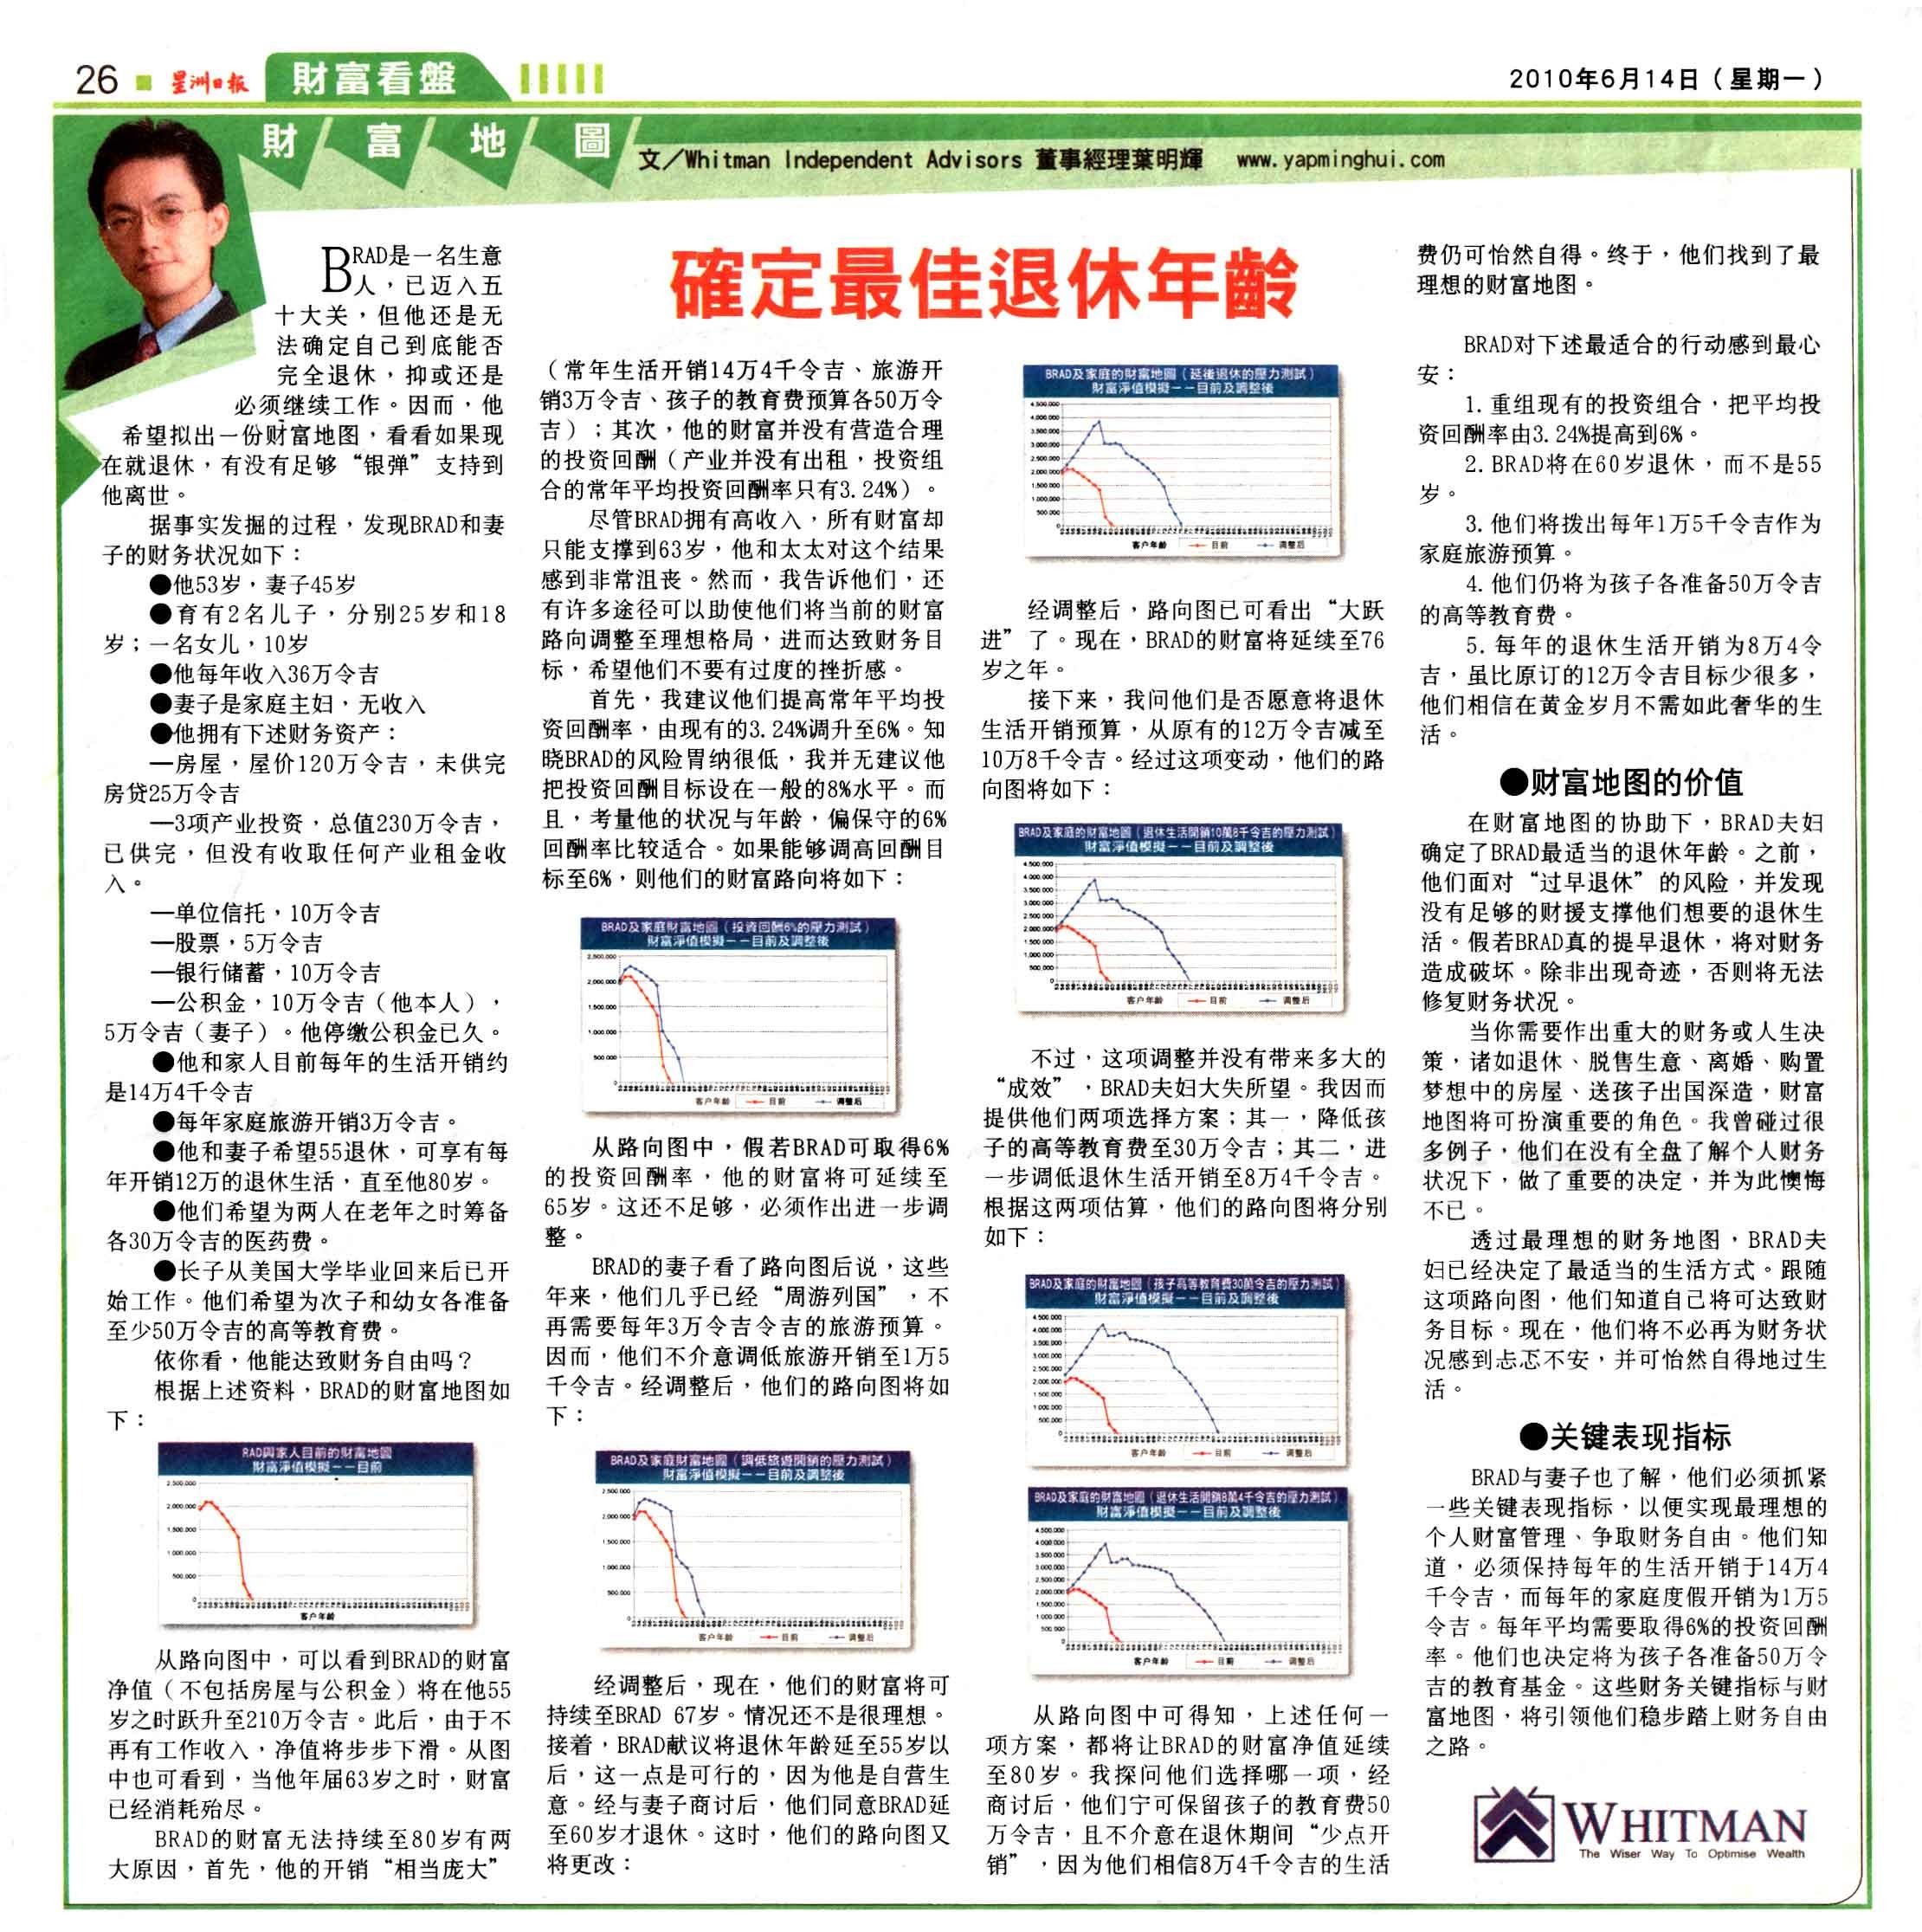 確定最佳退休年齡 (星洲日報) - 14 Jun 2010